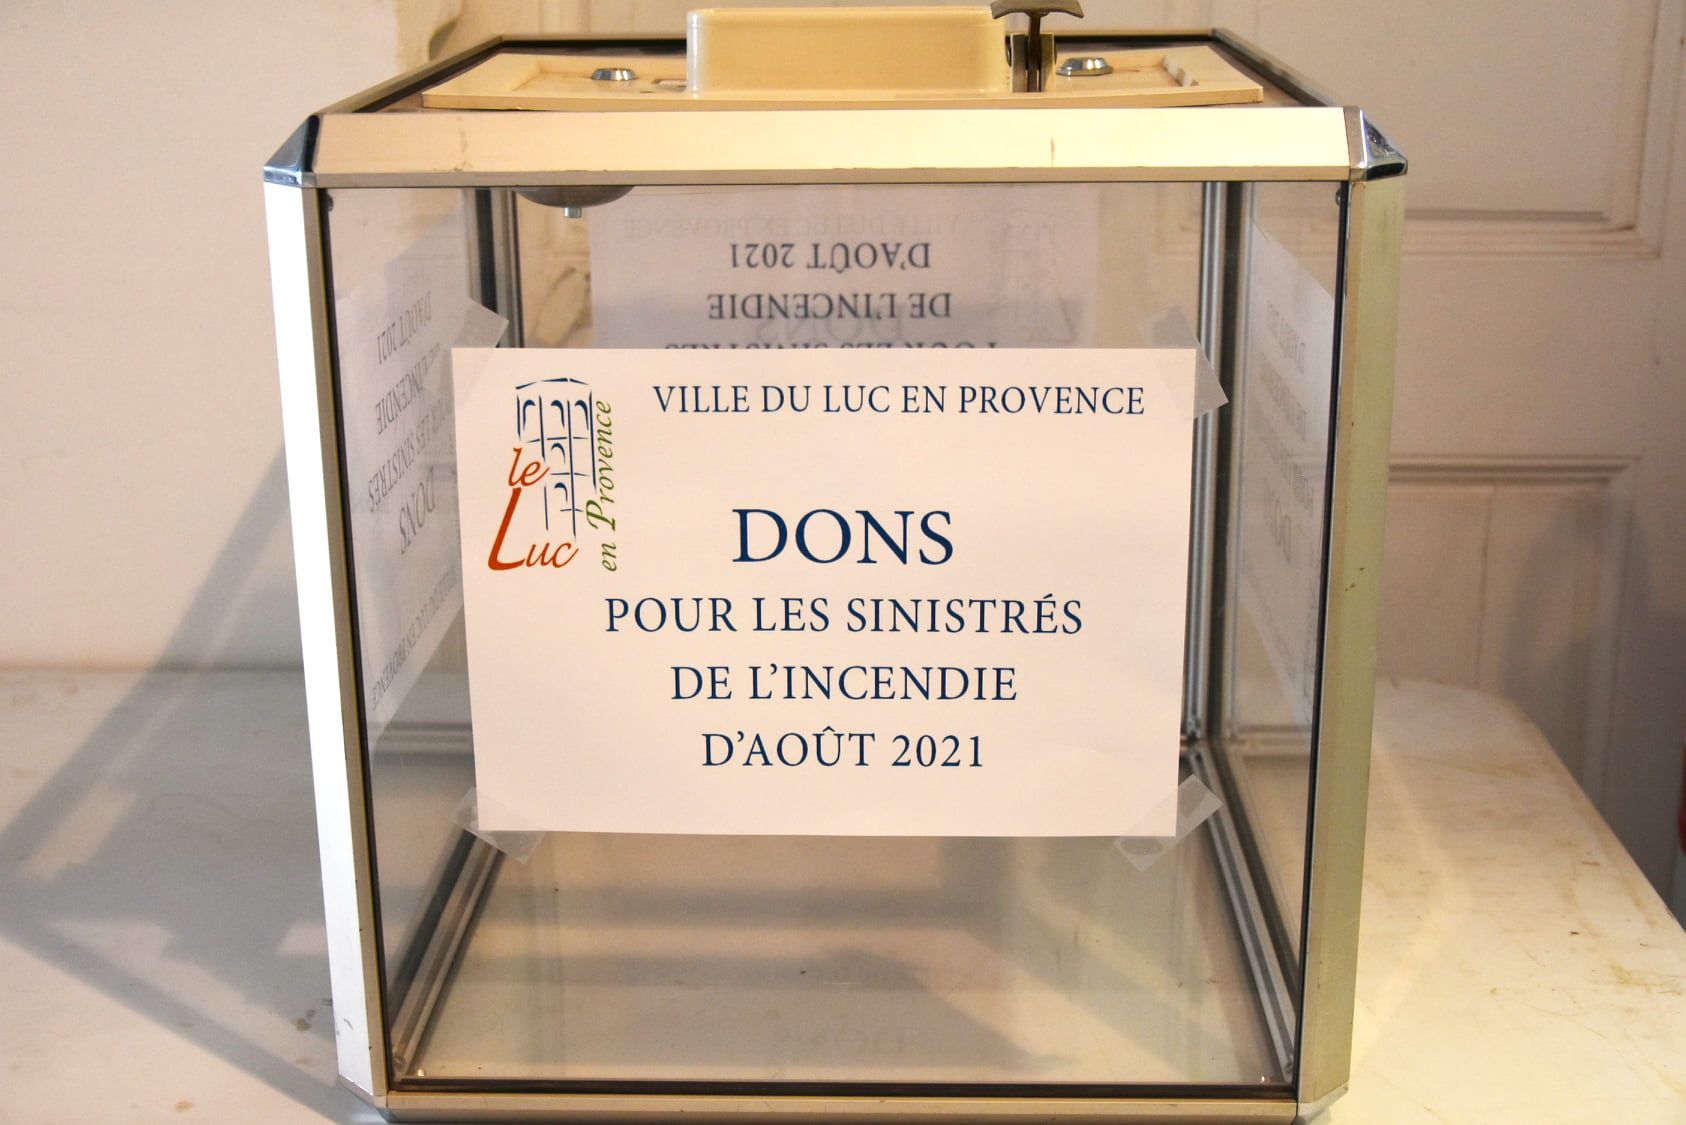 DONS POUR LES SINISTRÉS DES INCENDIES D'AOÛT 2021